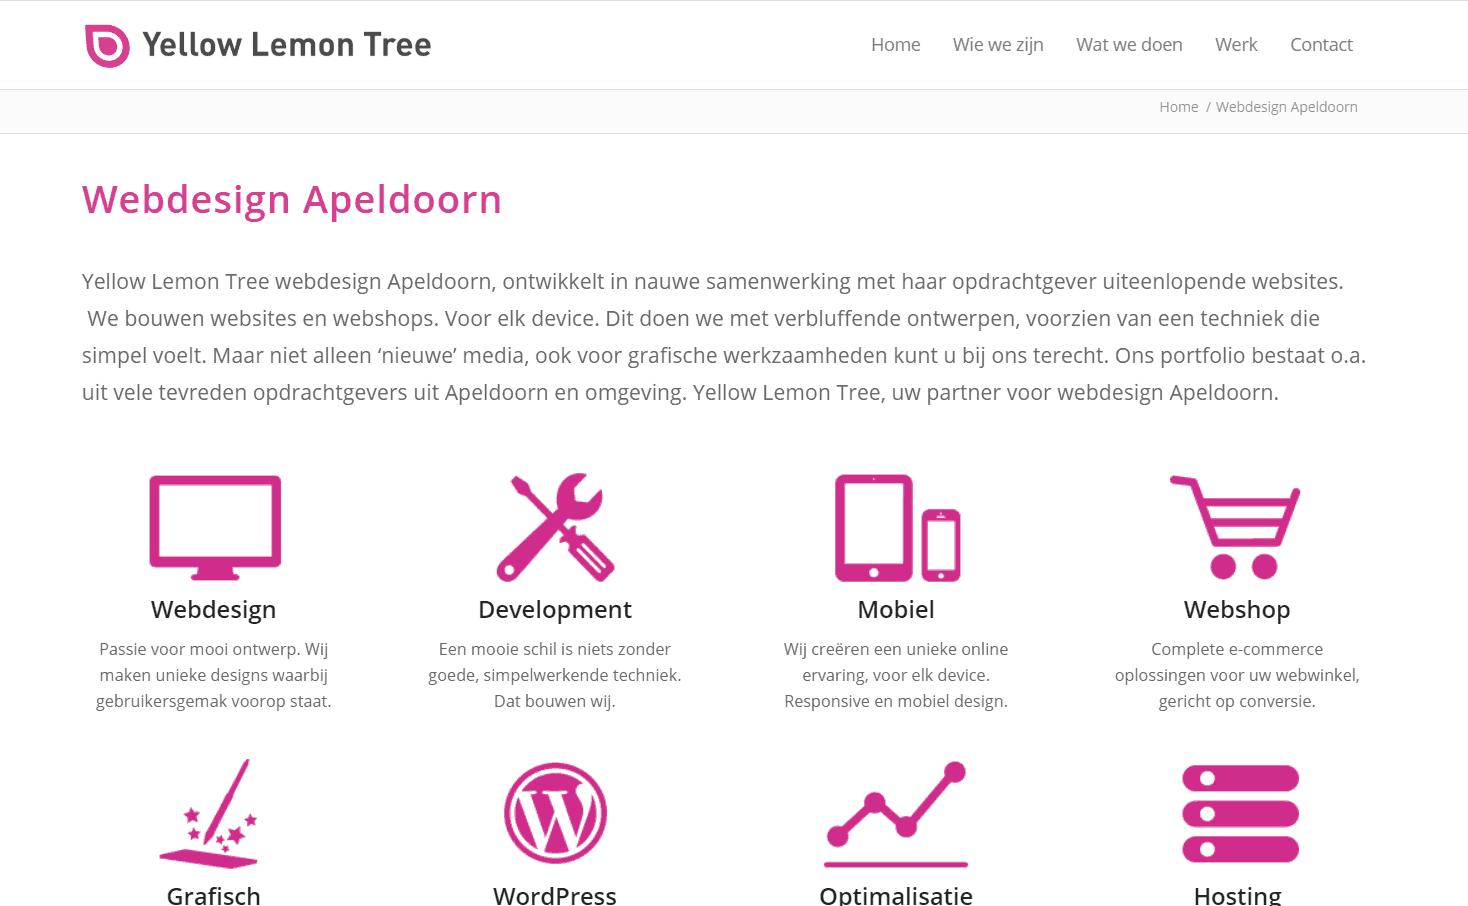 Verkeerd inzetten van SEO: webdesigner zit niet in Apeldoorn, maar doet wel alsof dat zo is